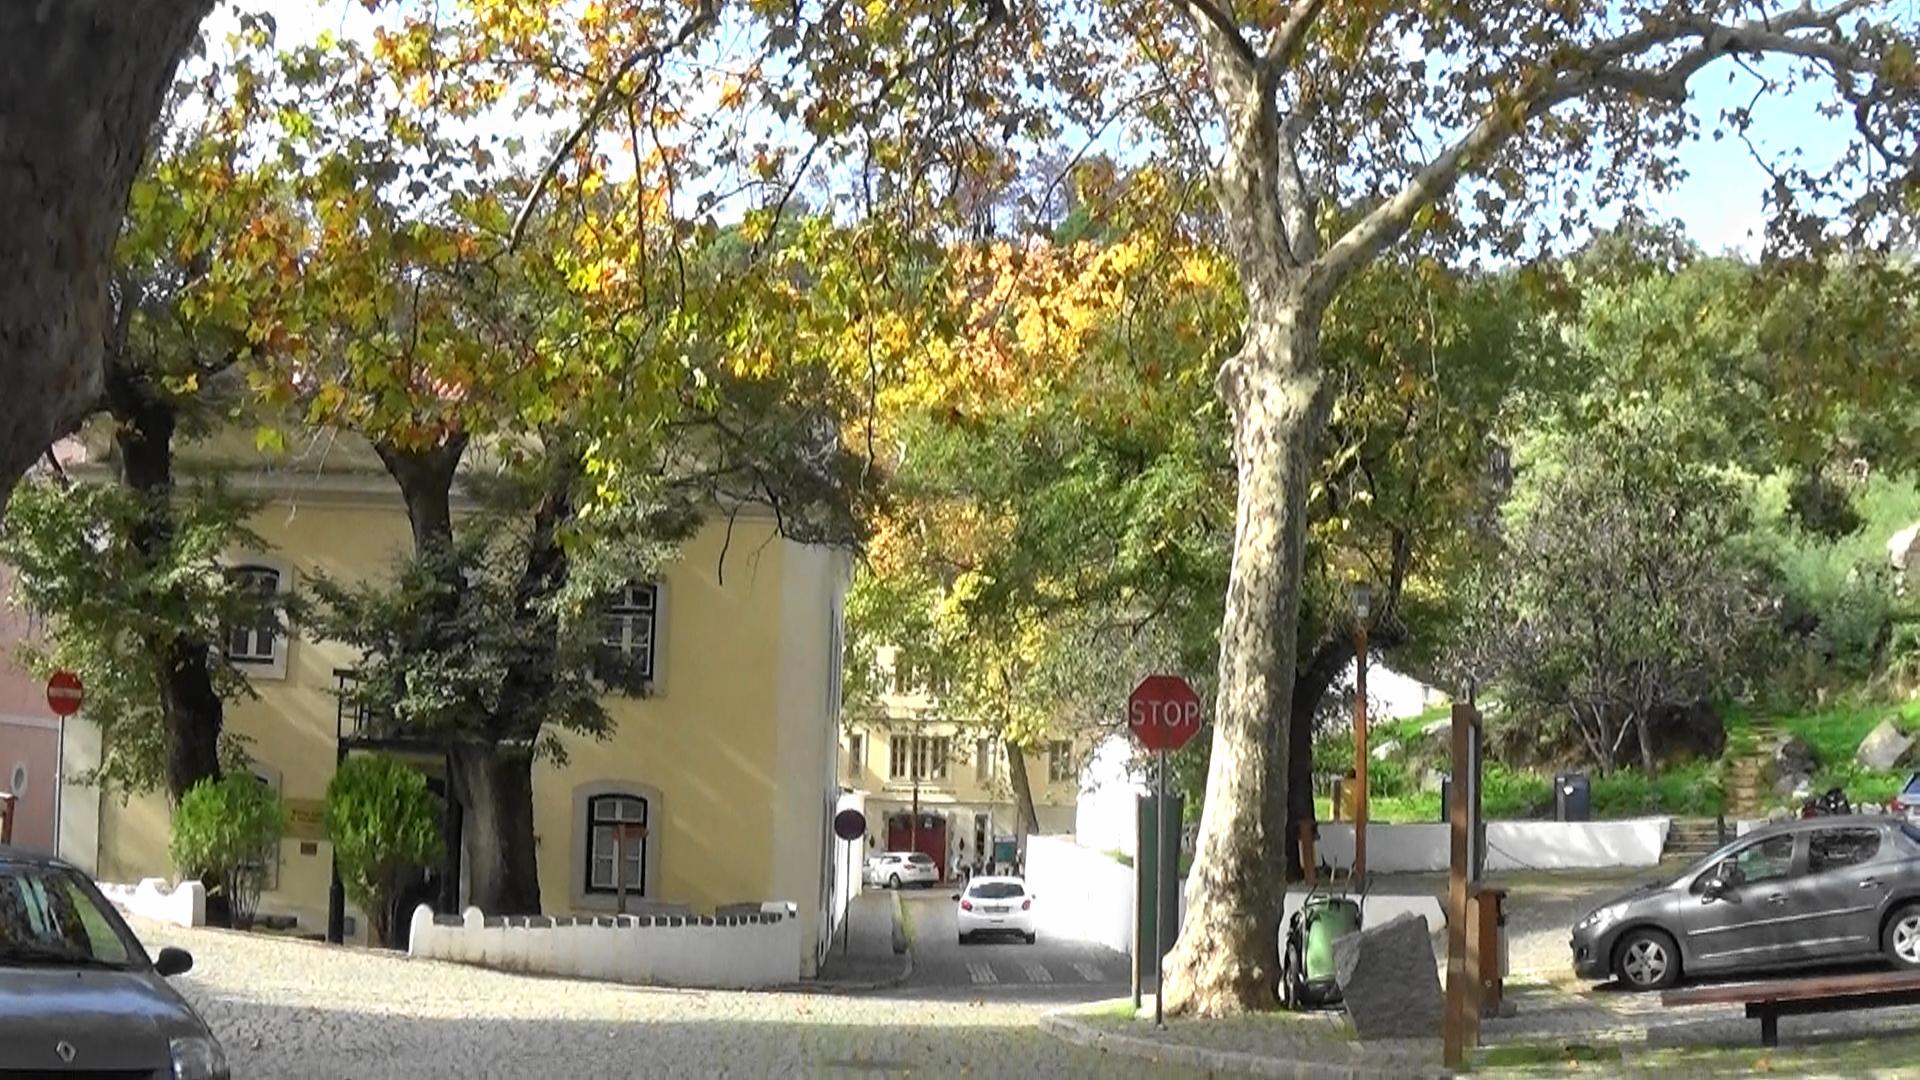 parking at Caldas de Monchique